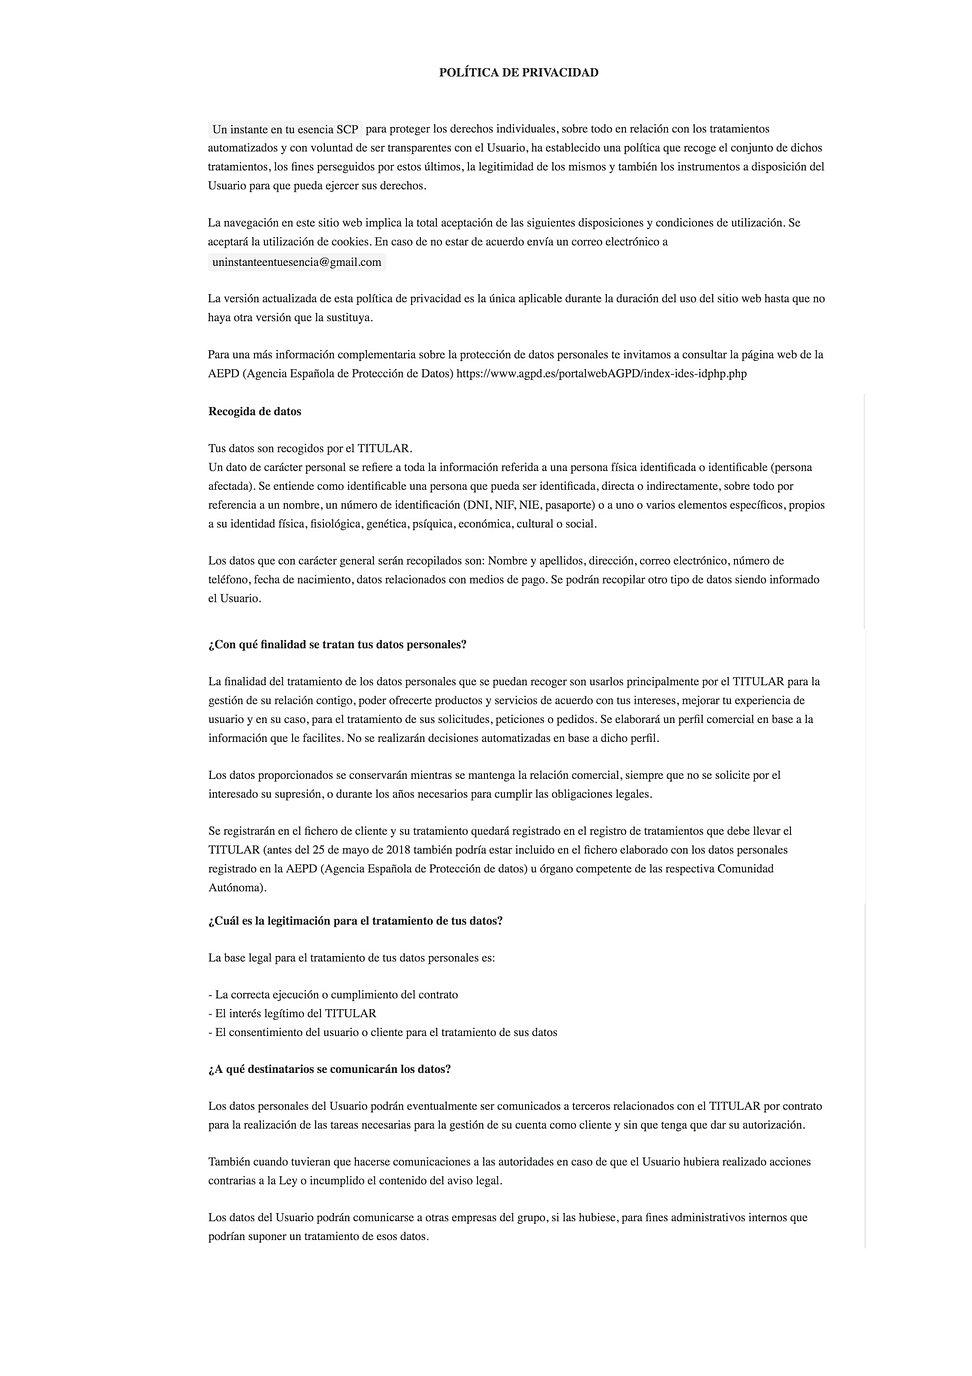 Política_de_privacidad_Un_instante_en_tu